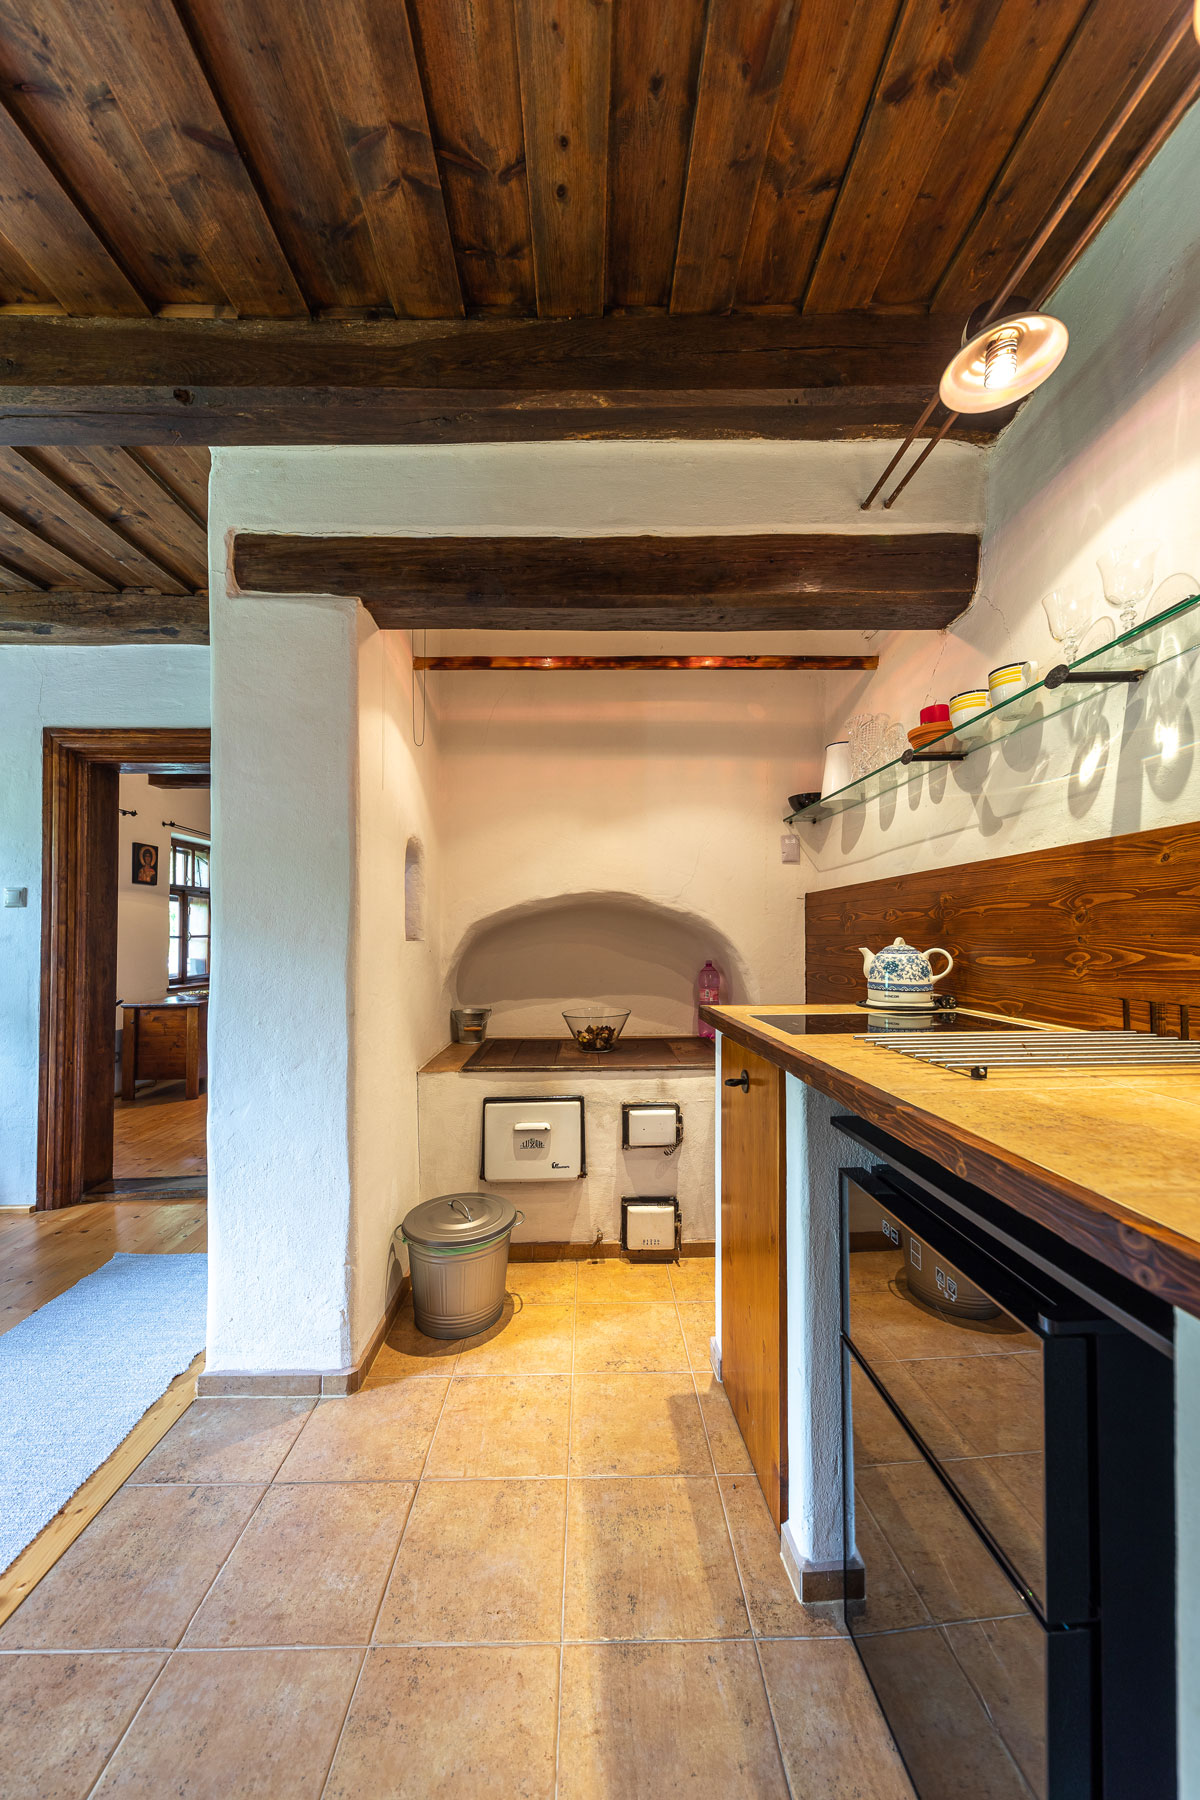 Kuchyň na chalupě s tradiční zděnou pecí